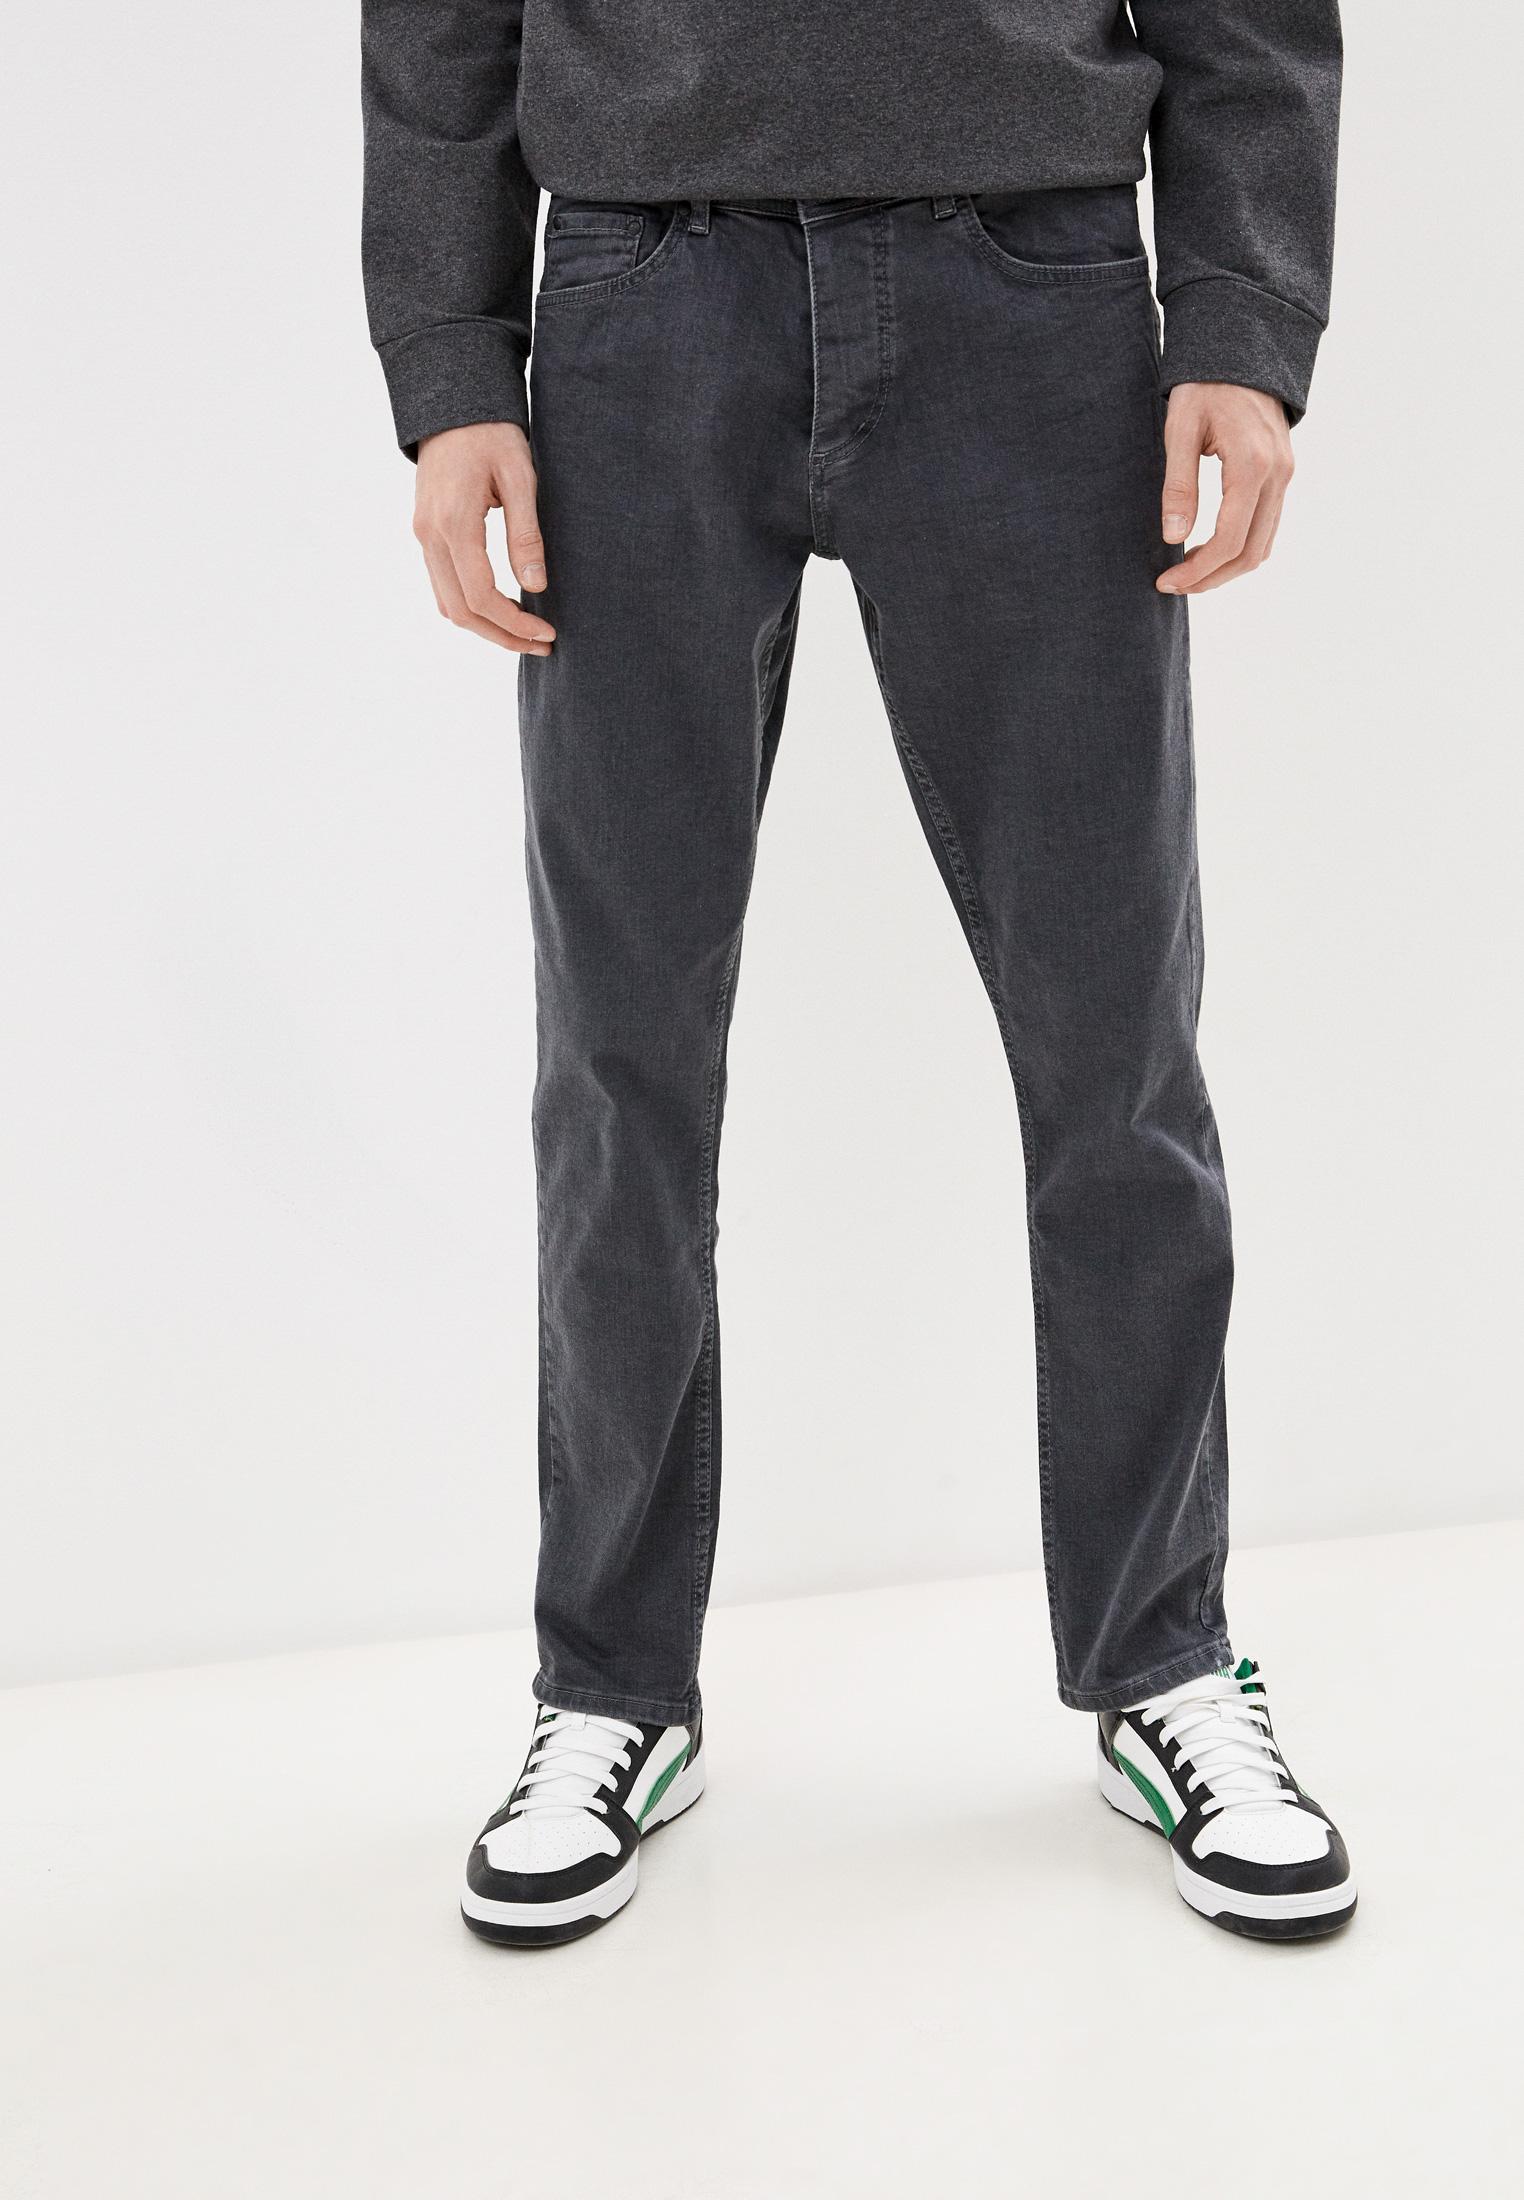 Зауженные джинсы Trendyol Джинсы Trendyol